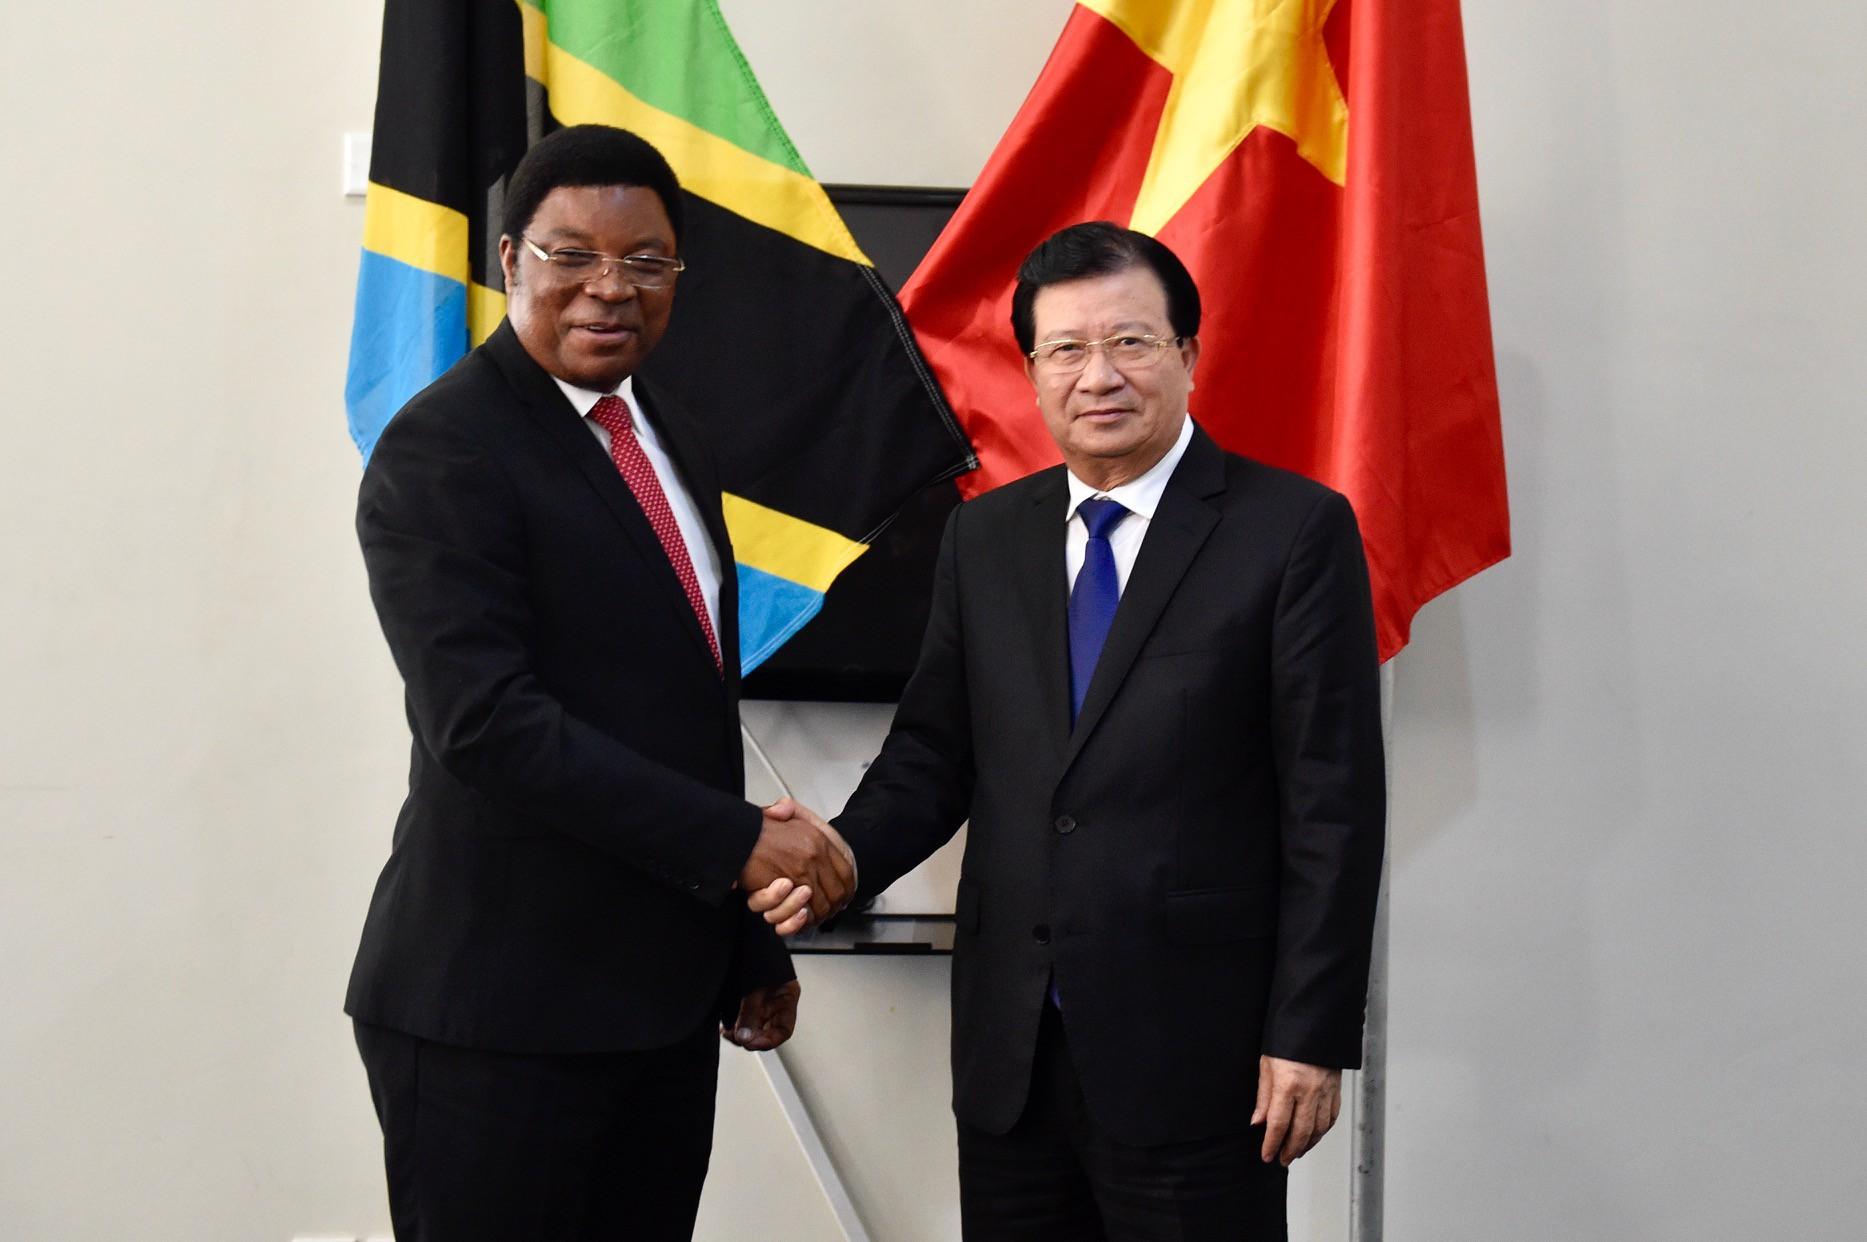 Việt Nam, Tanzania tăng cường hợp tác trên nhiều lĩnh vực - Ảnh 1.